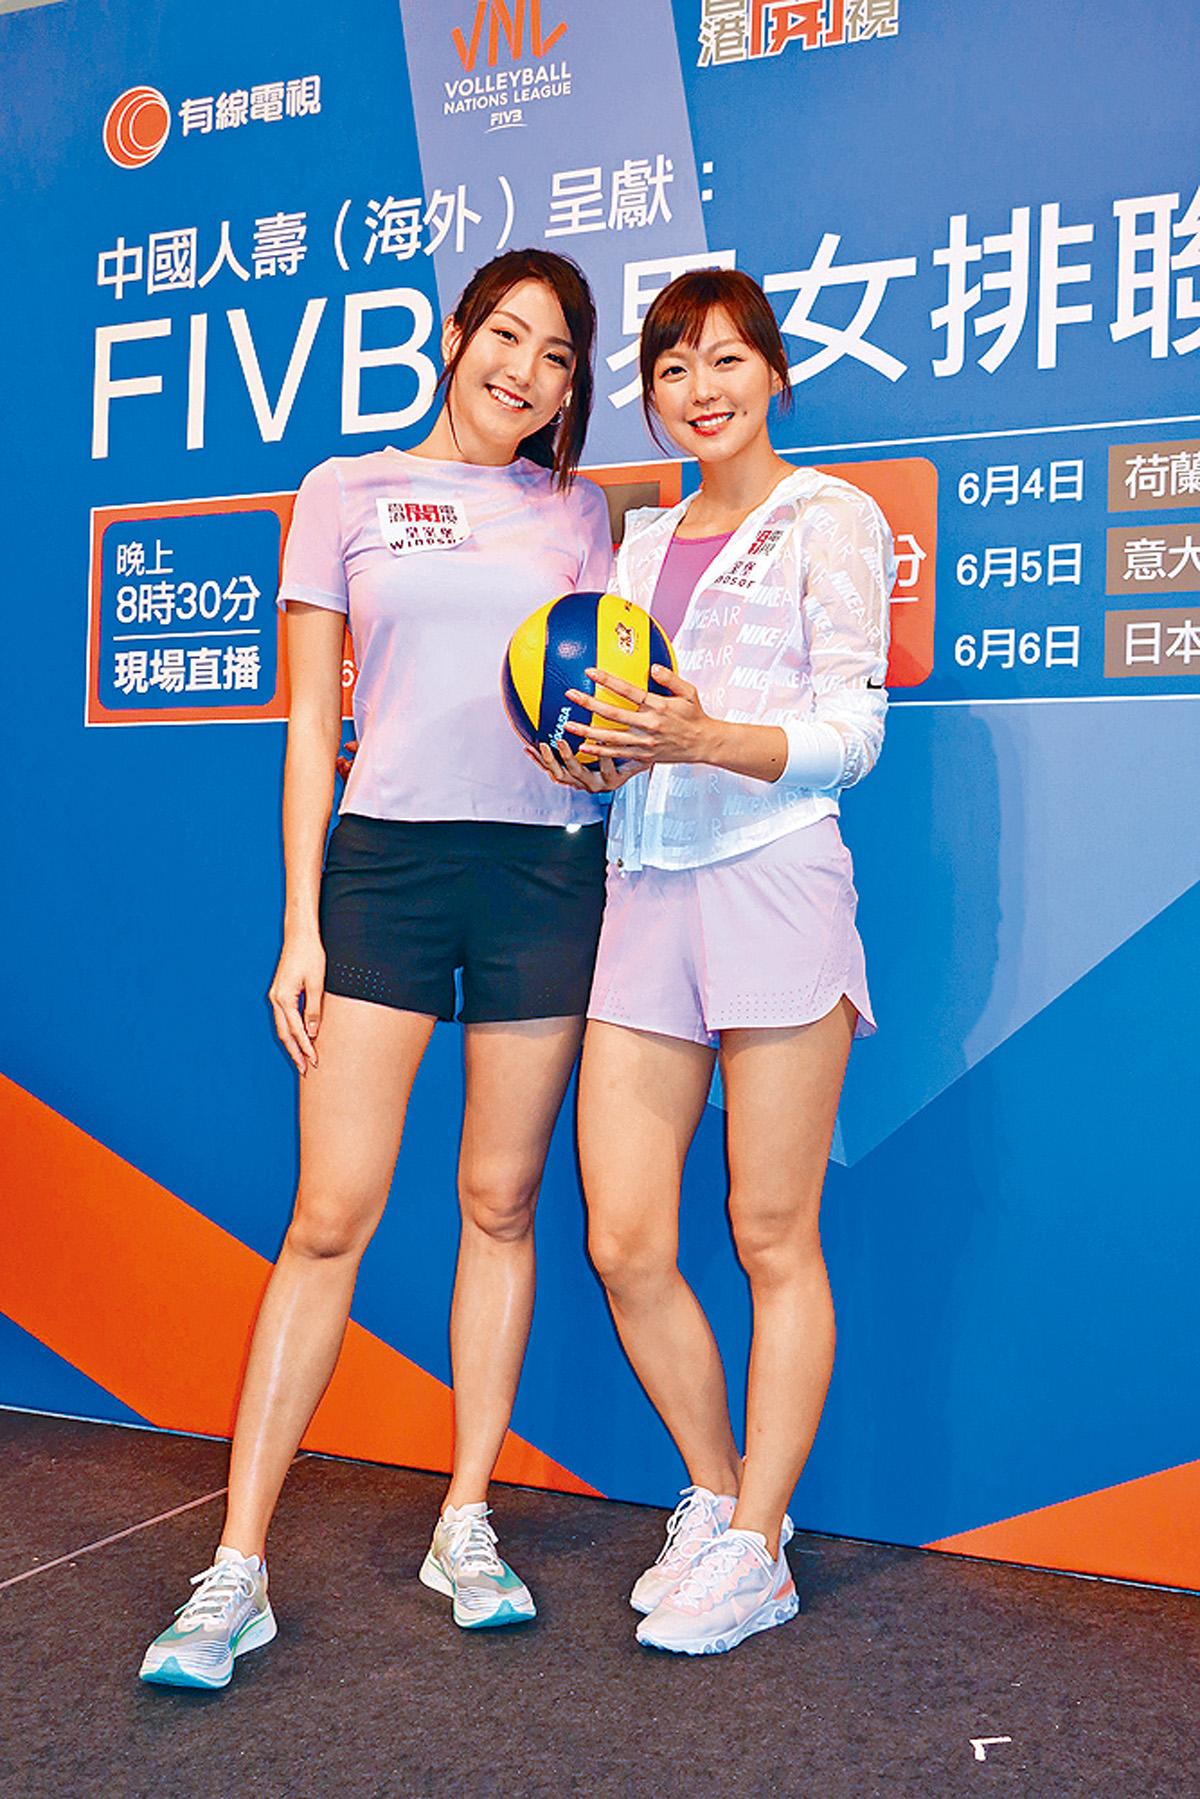 ■陳嘉桓(左)與梁諾妍會相約一起做運動。